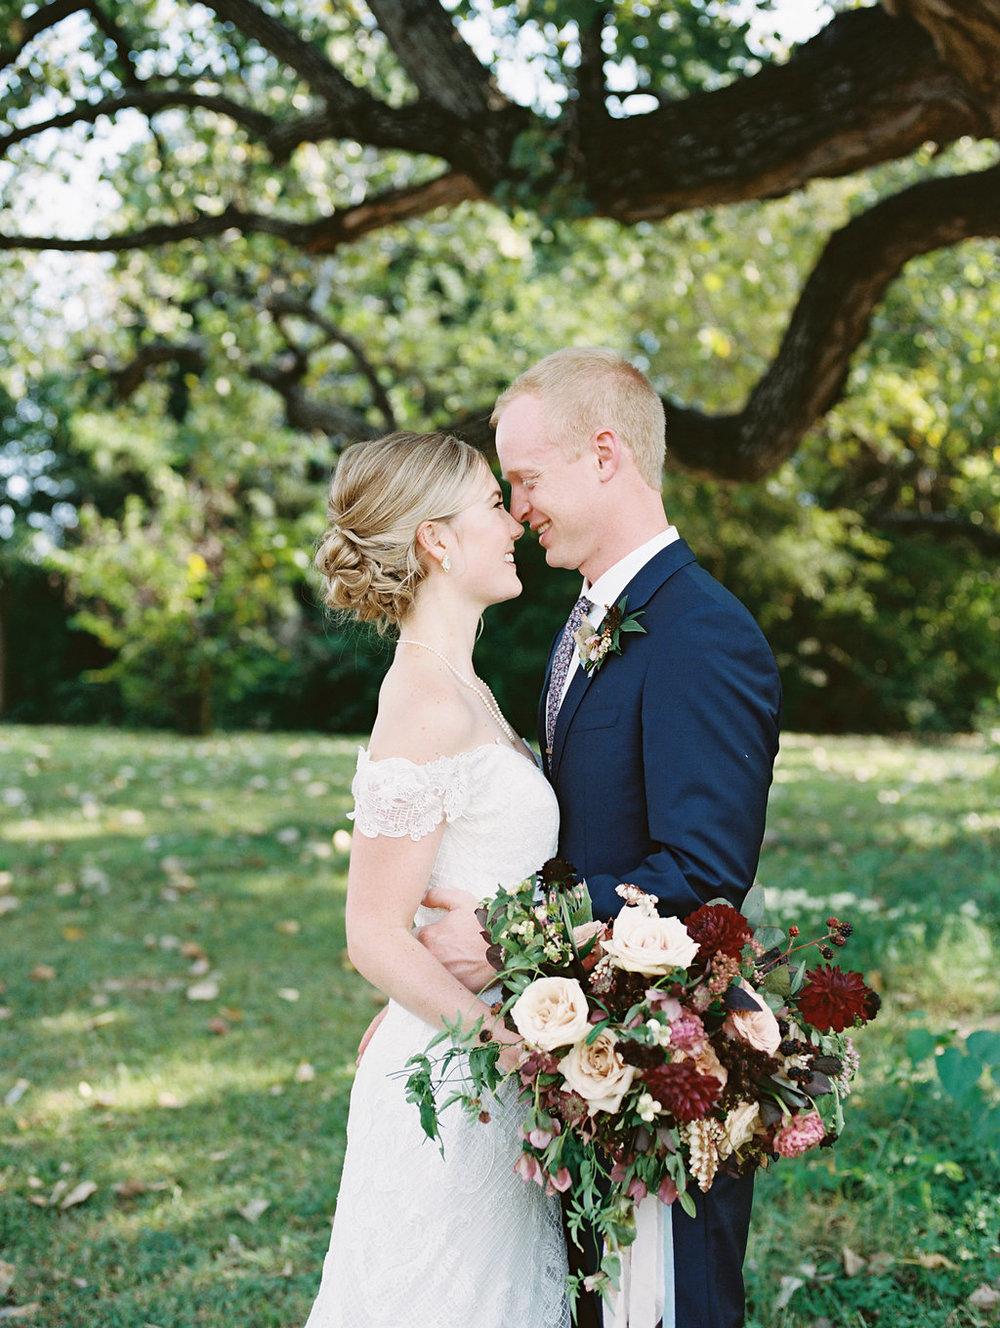 Burgundy and Blush Wedding Flowers - Wedding Florist in Dallas